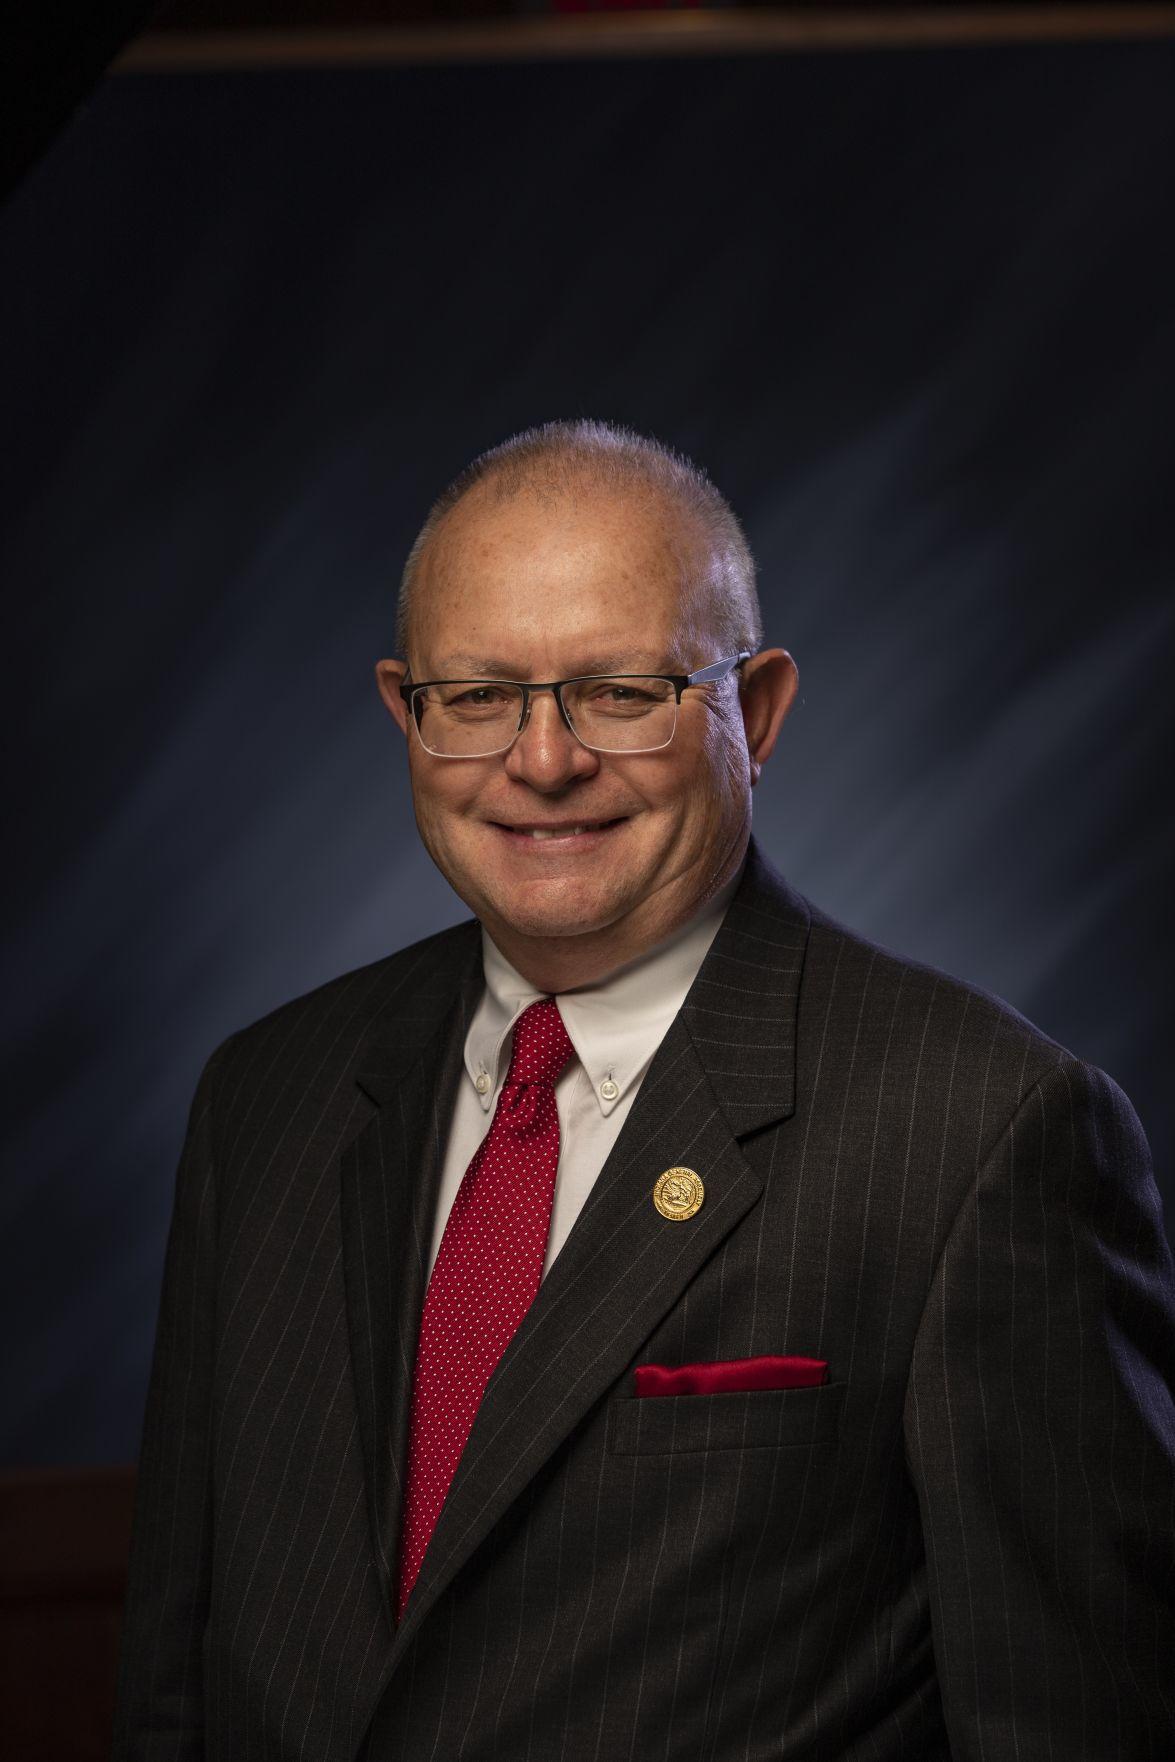 State Rep. Doug Miller, R-Elkhart